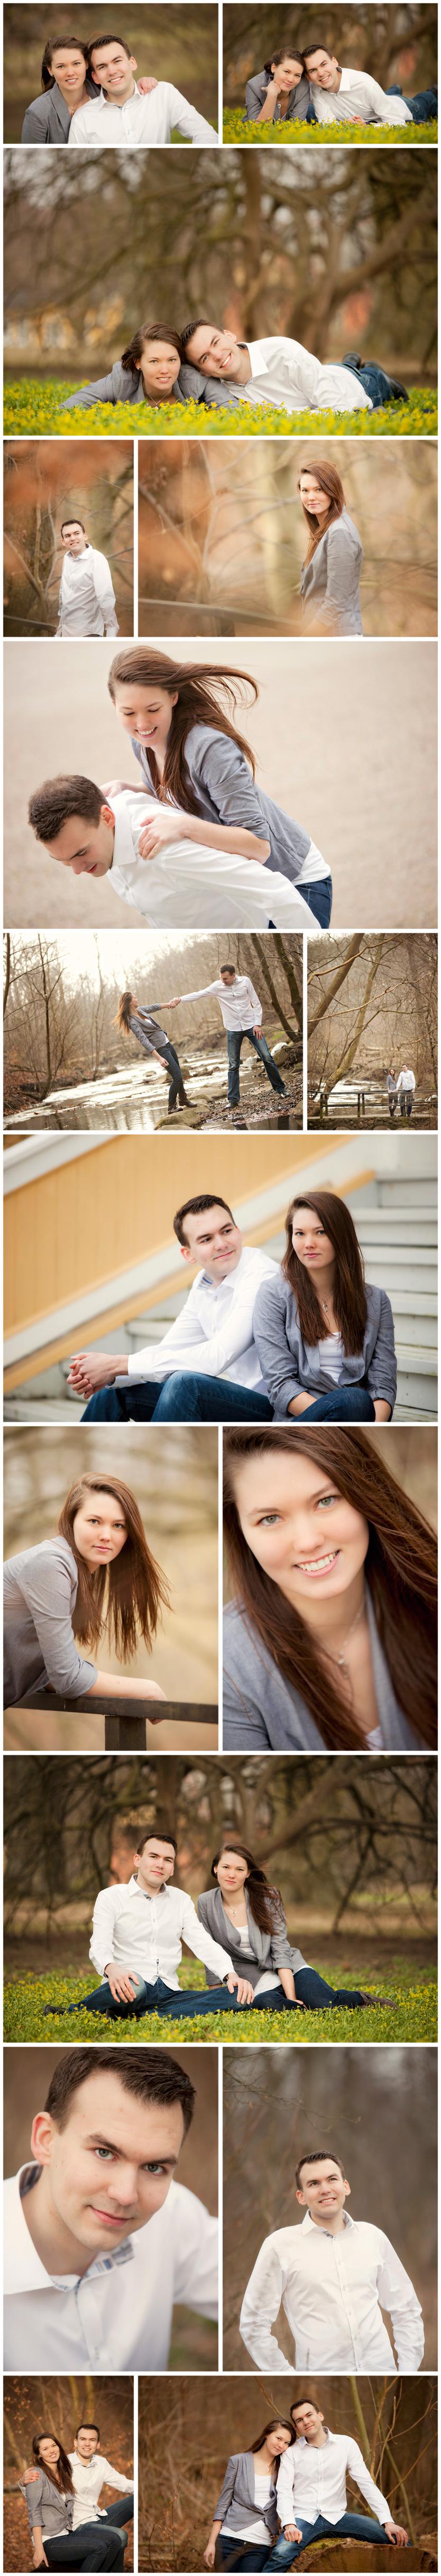 porträtt, syskon, fotograf, Brunnsparken, Ramlösa, Helsingbo4g